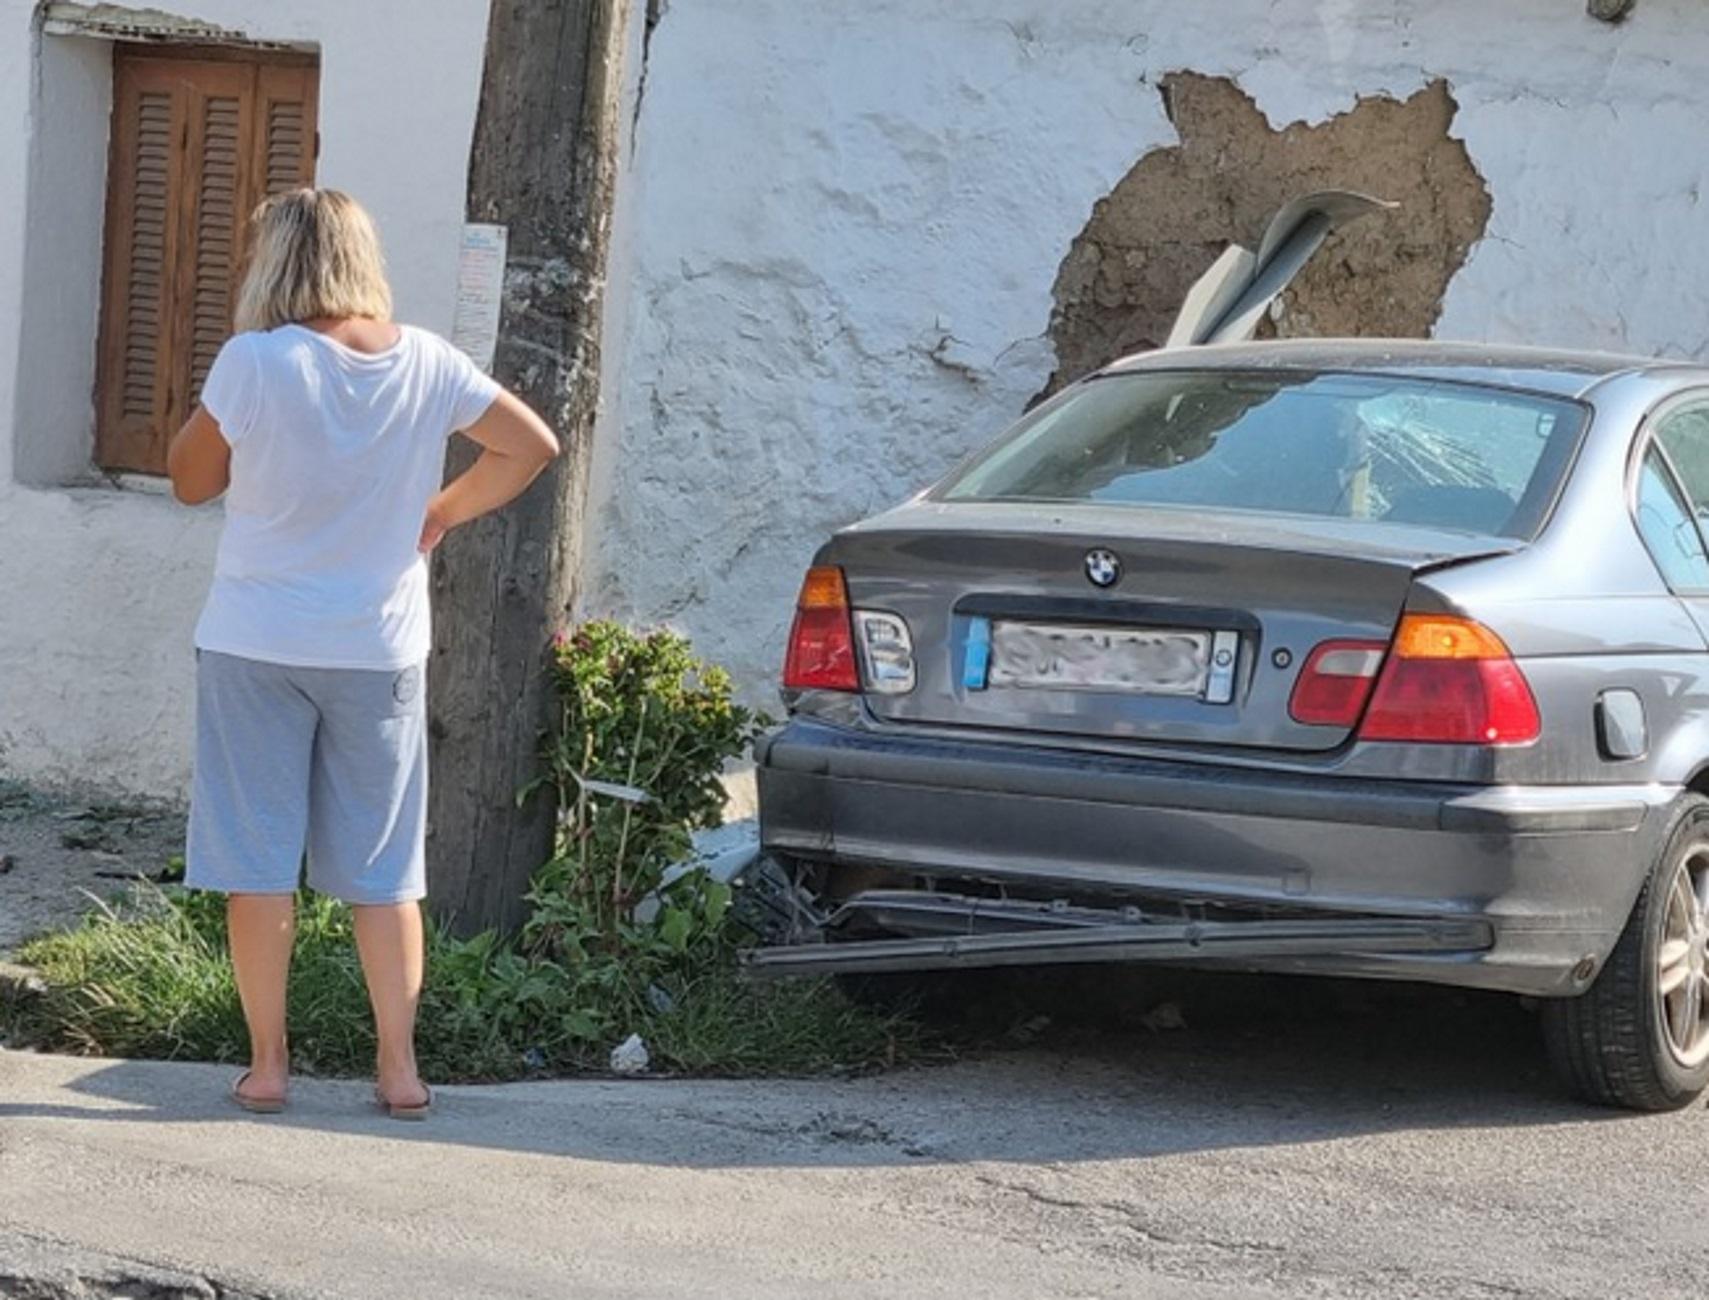 Τρίκαλα: Αυτοκίνητο «καρφώθηκε» σε τοίχο σπιτιού και άνοιξε τρύπα μετά από μετωπική σύγκρουση